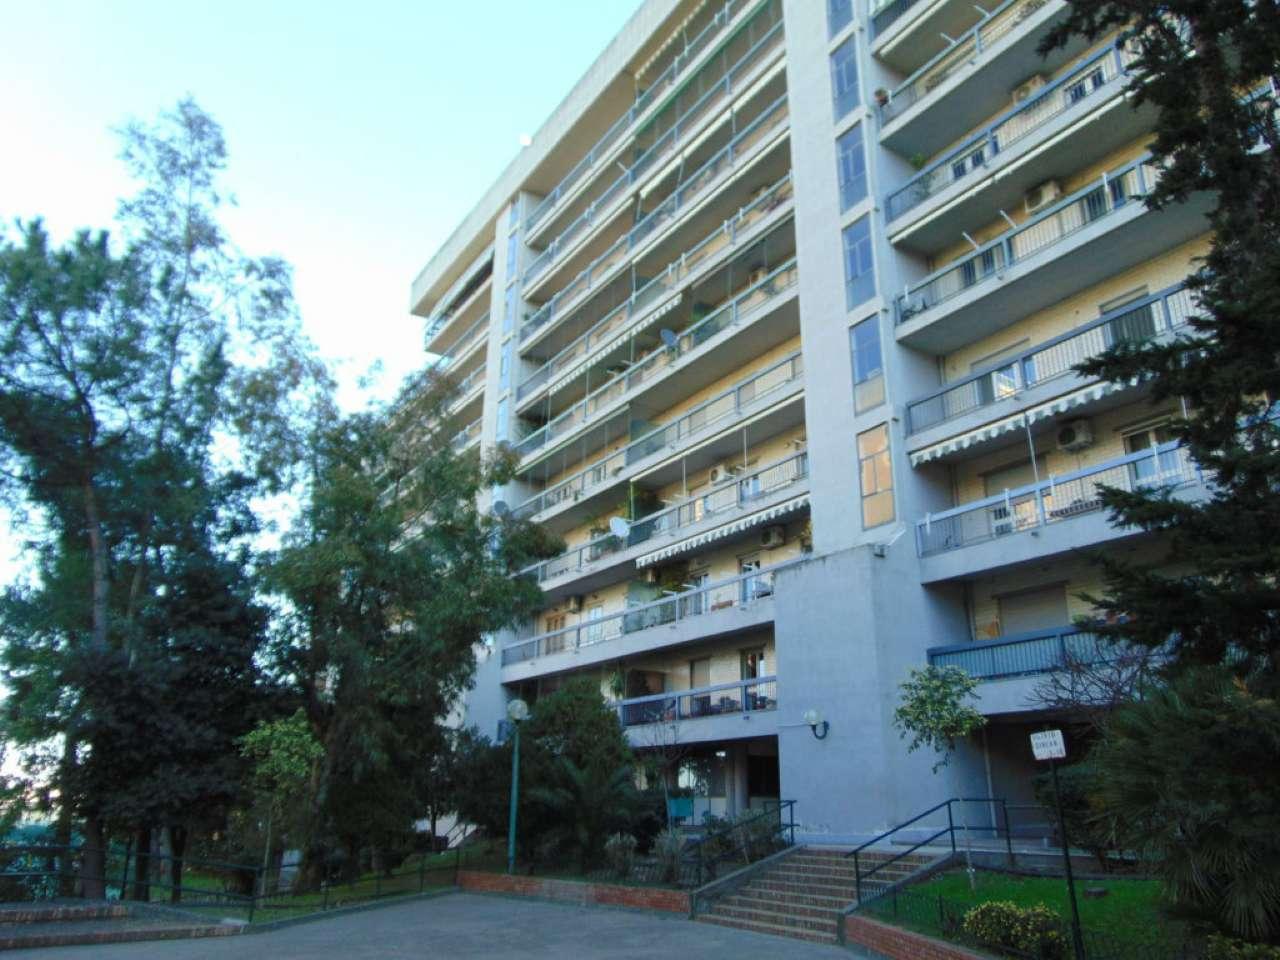 Appartamento in vendita 5 vani 133 mq.  via Mario Pomilio 9 Napoli